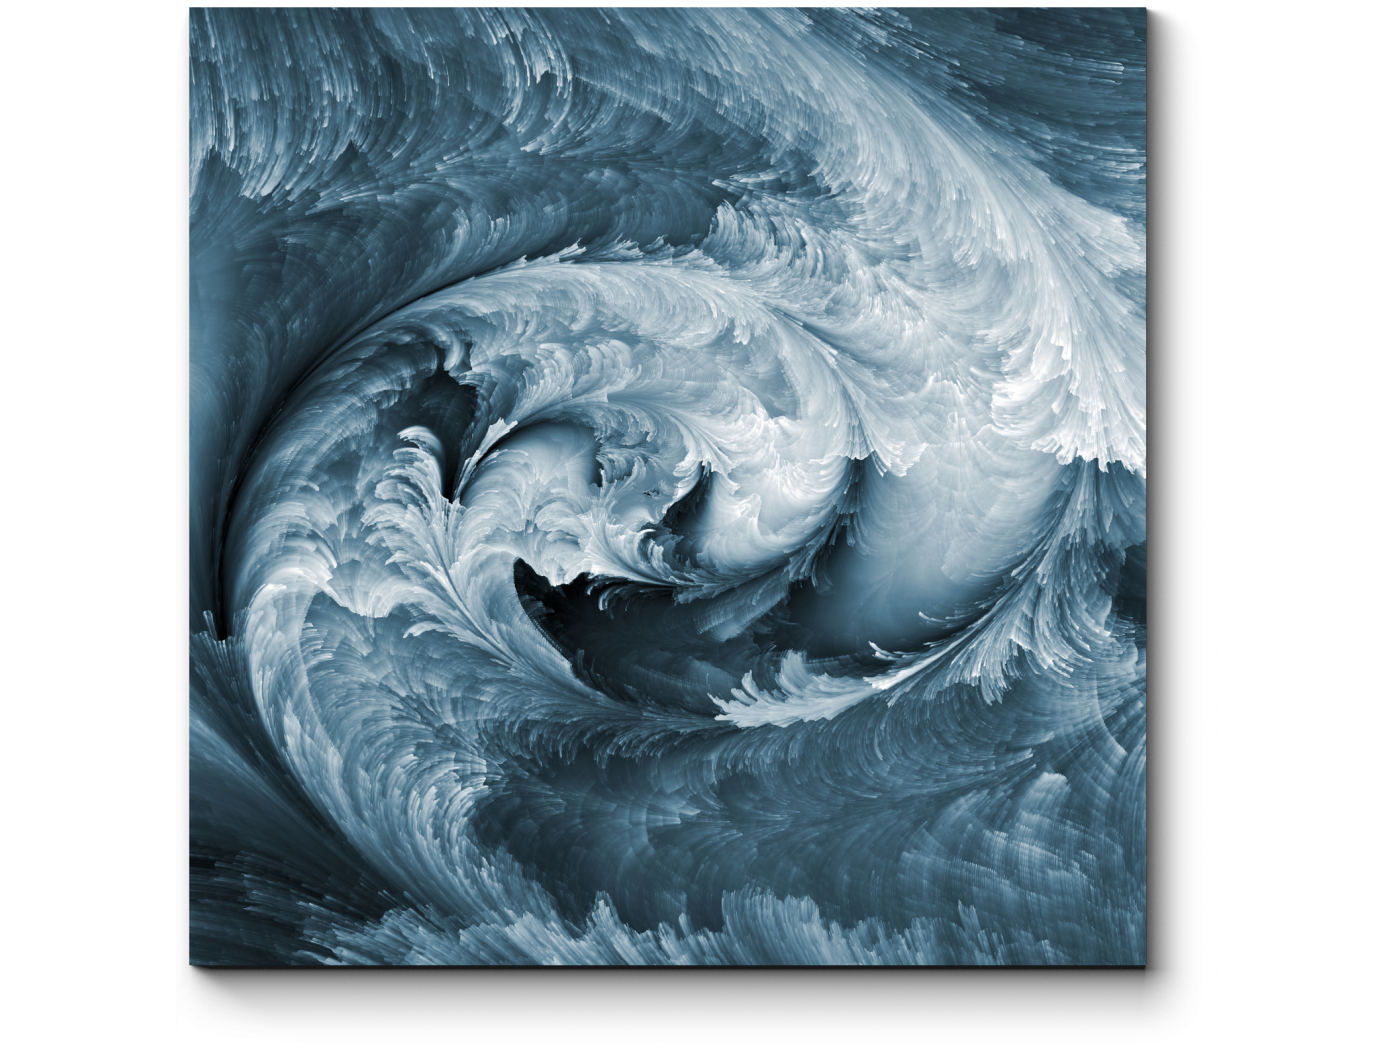 Модульная картина Обманчивый водоворот (20x20) фото